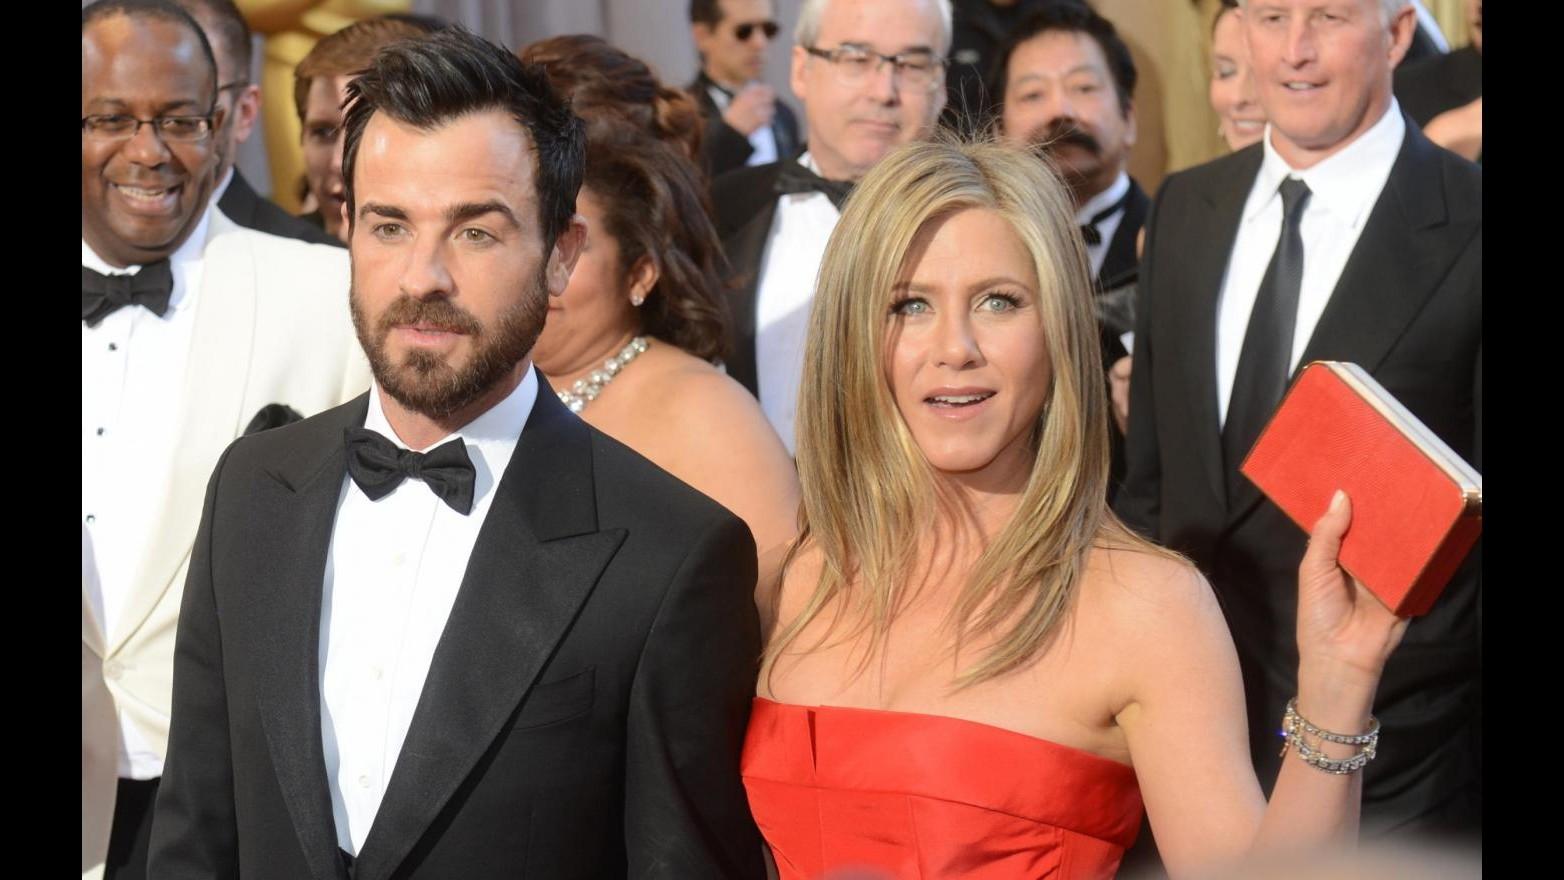 Jennifer Aniston posticipa le nozze con Justin Teheroux a fine estate